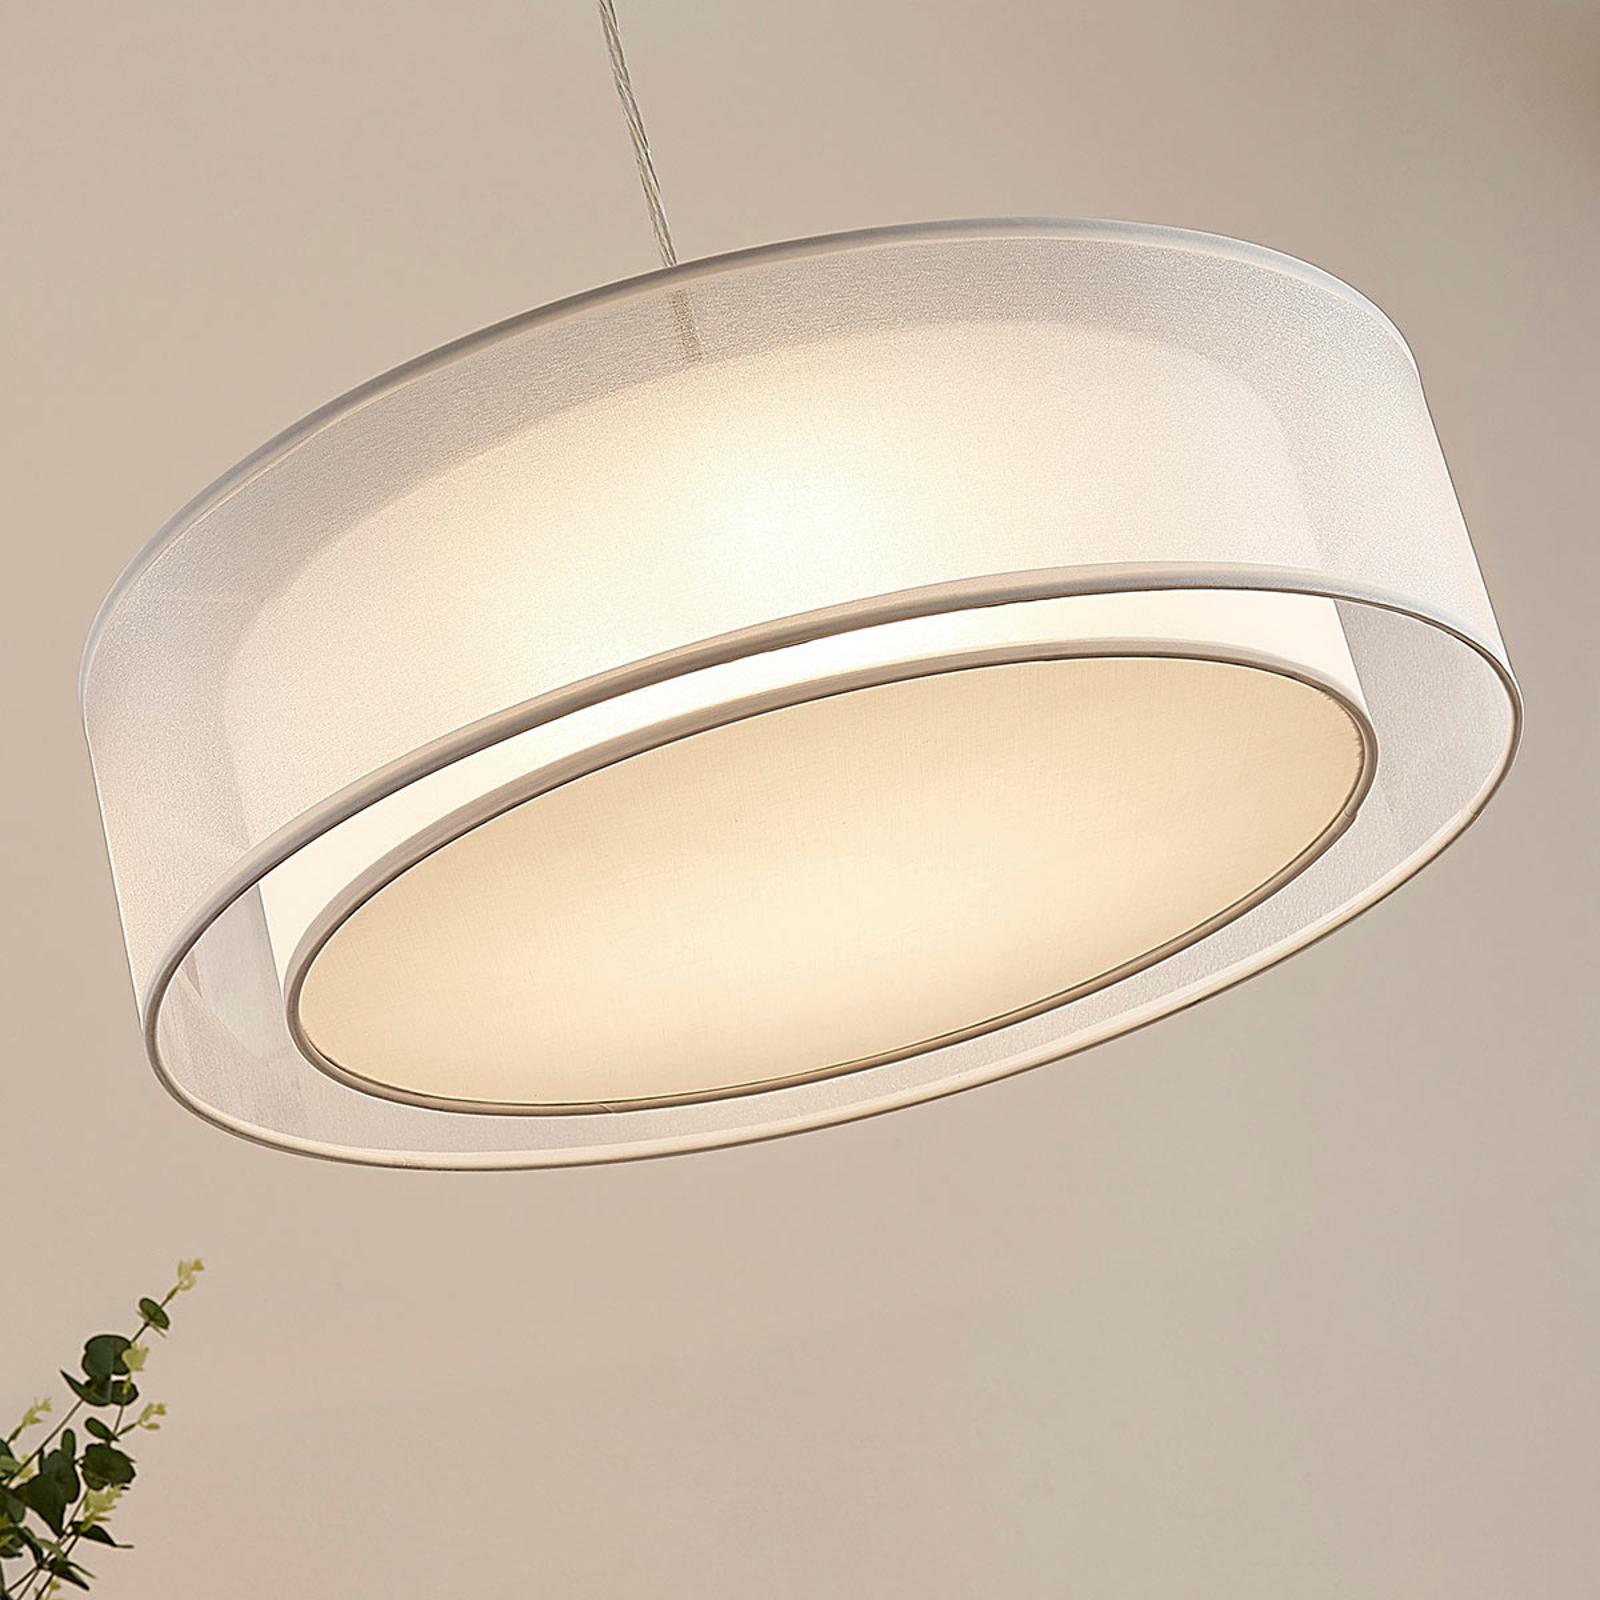 Textilní závěsné světlo Amon, stmívací LED, bílé